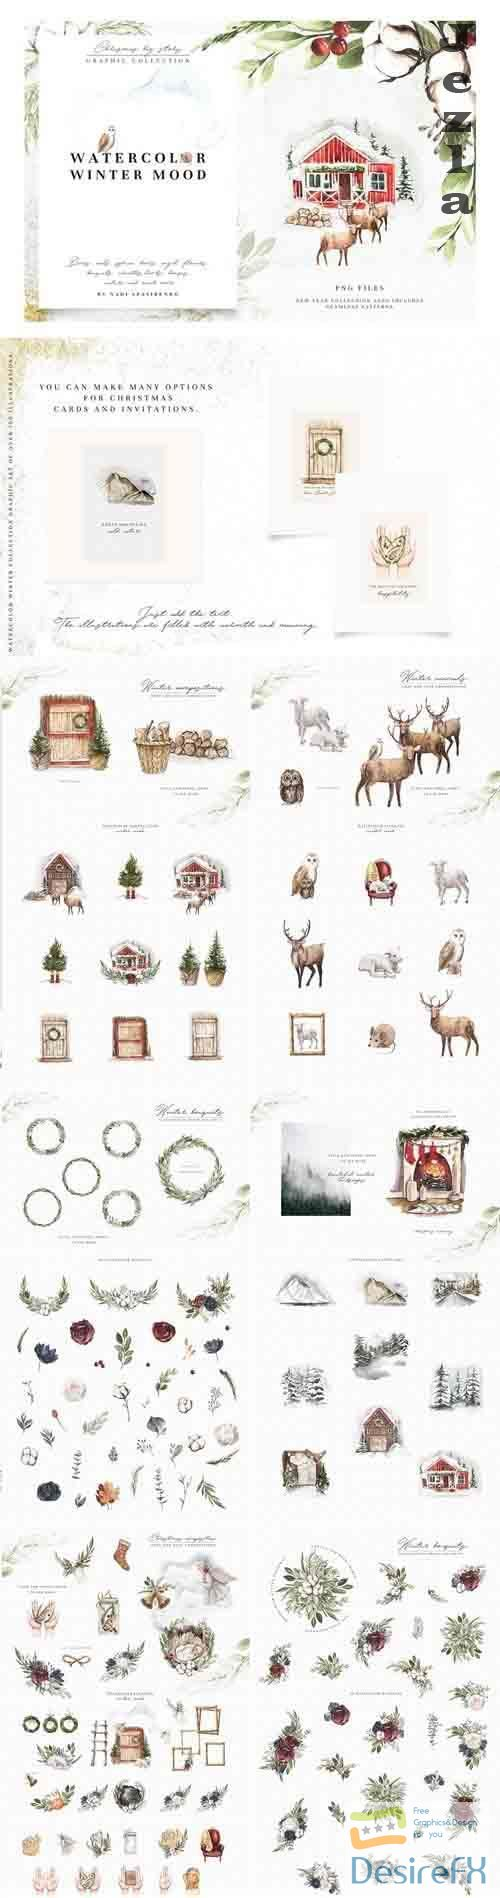 CreativeMarket - Watercolor Winter Mood 4283241